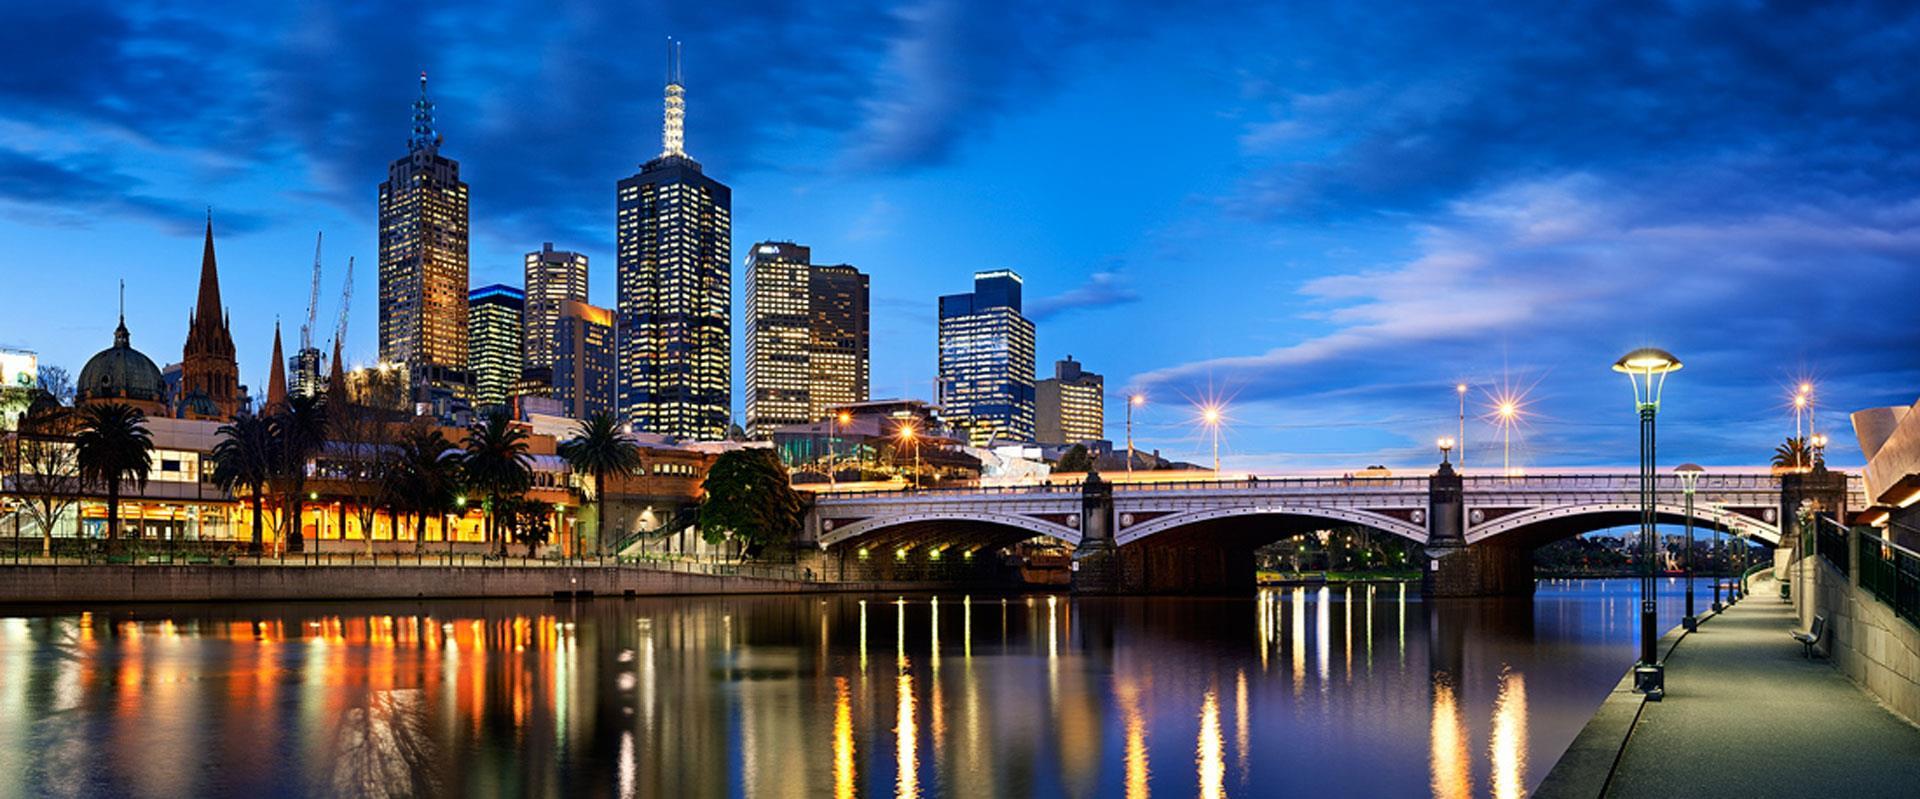 تور 13 روزه استرالیا